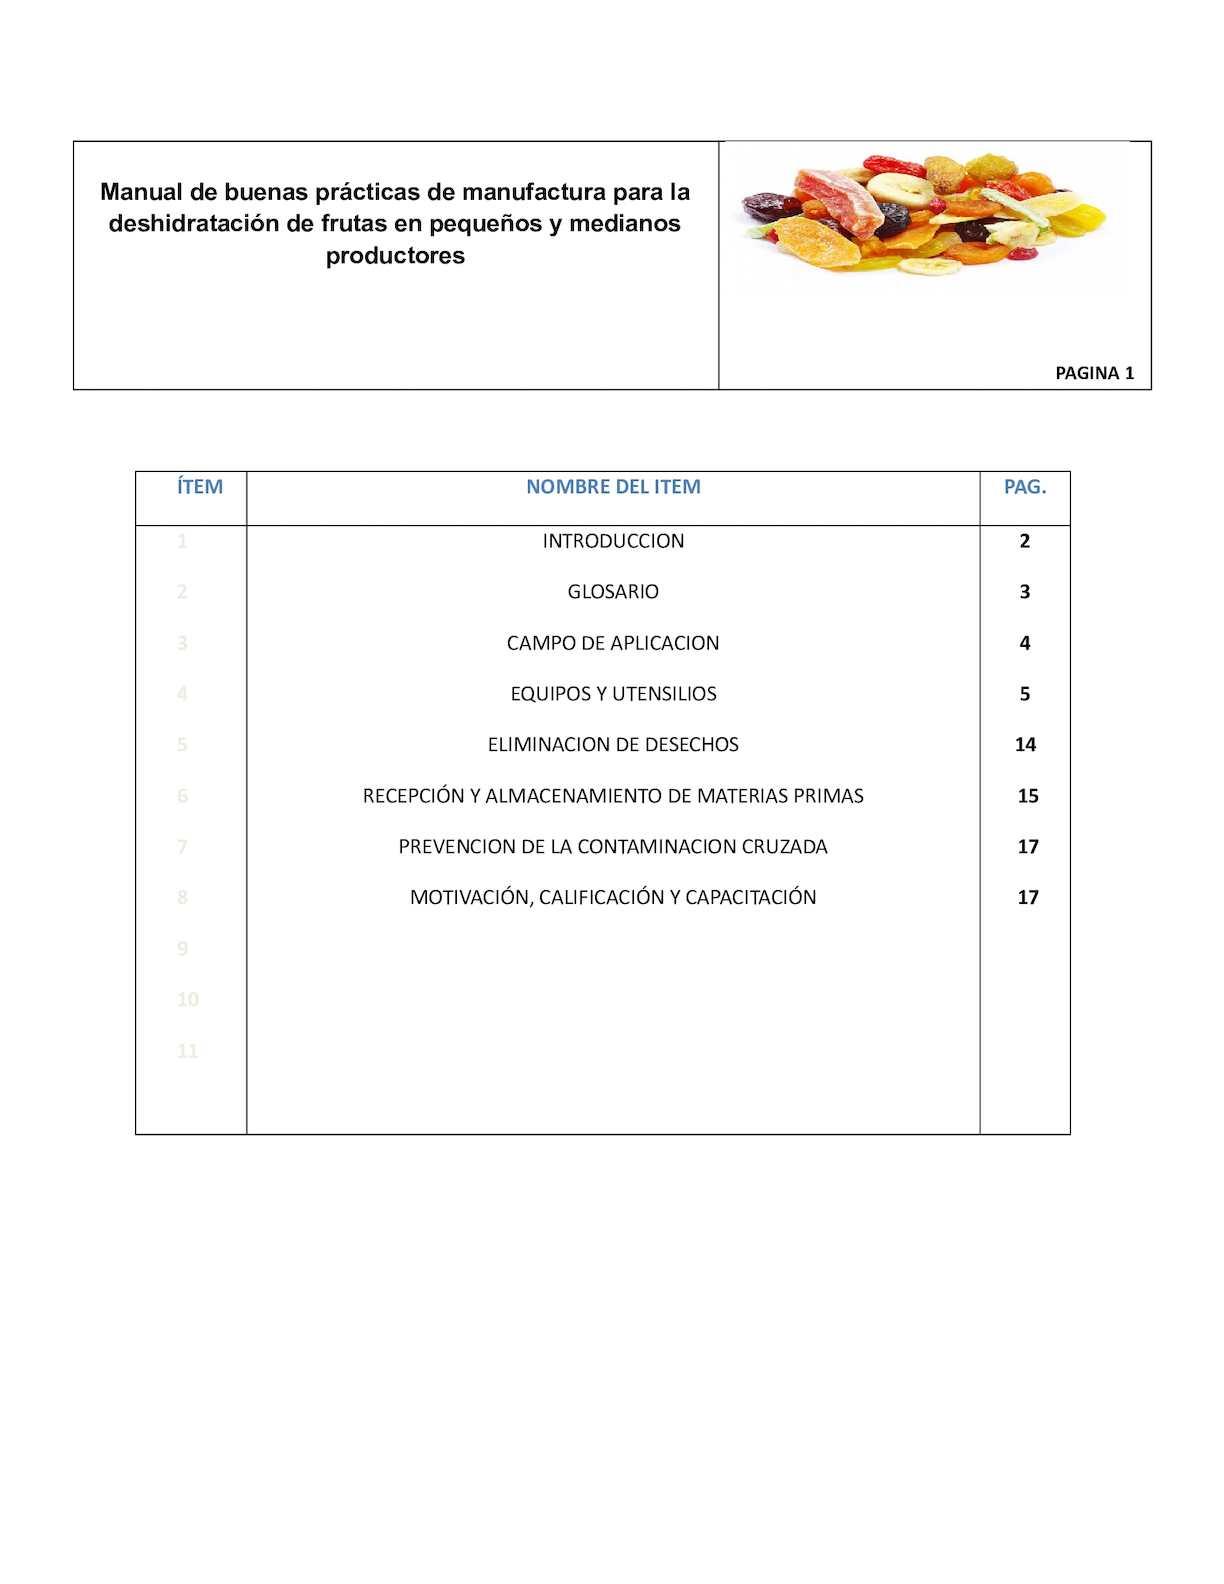 Manual De Buenas Practicas De Manufactura En Frutas